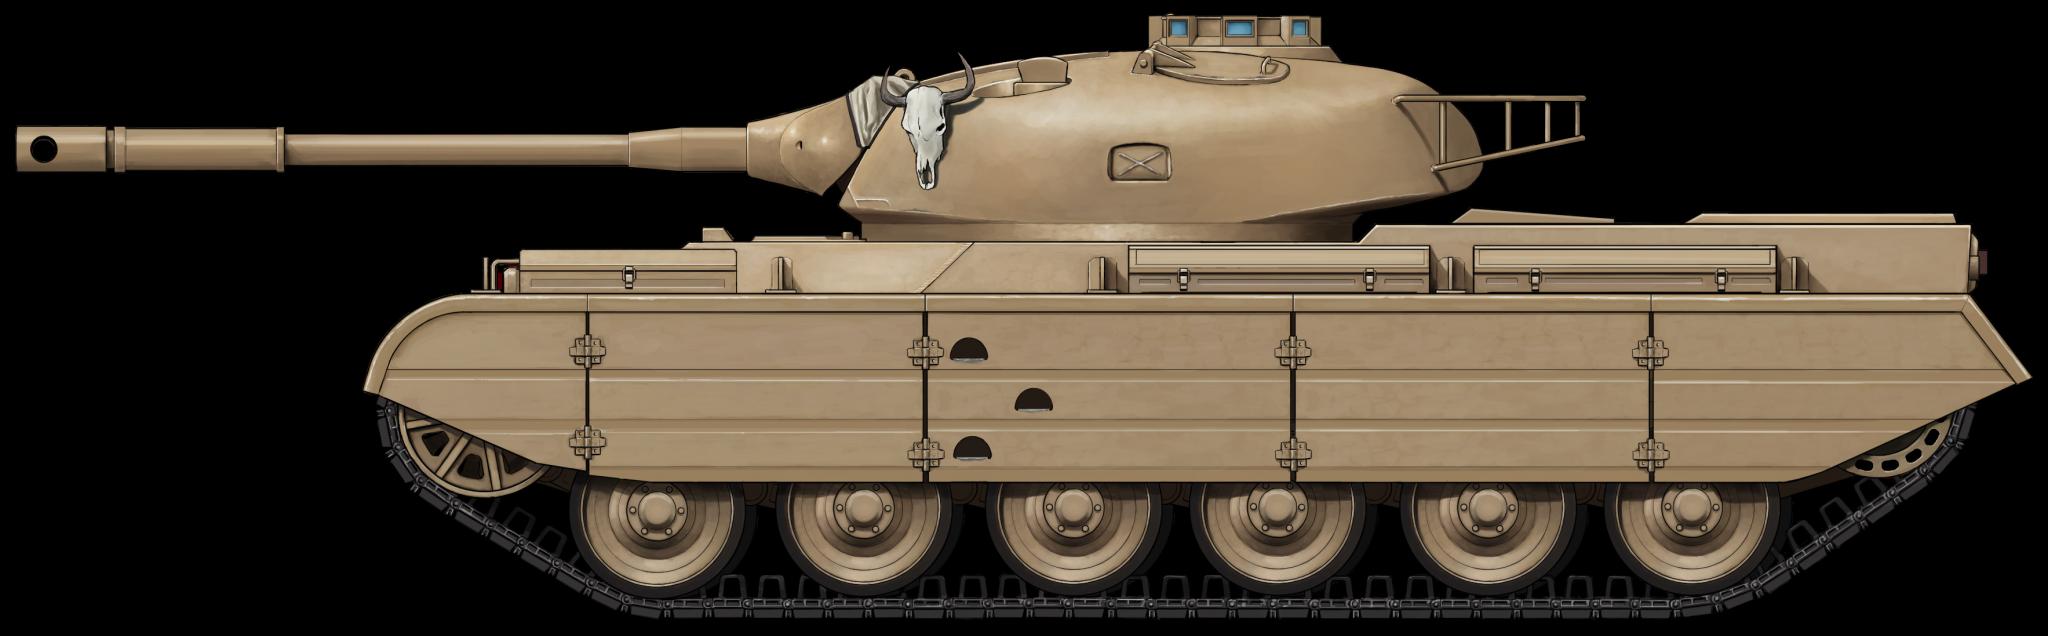 Progetto M35 Mod. 46 (Fake Tanks)